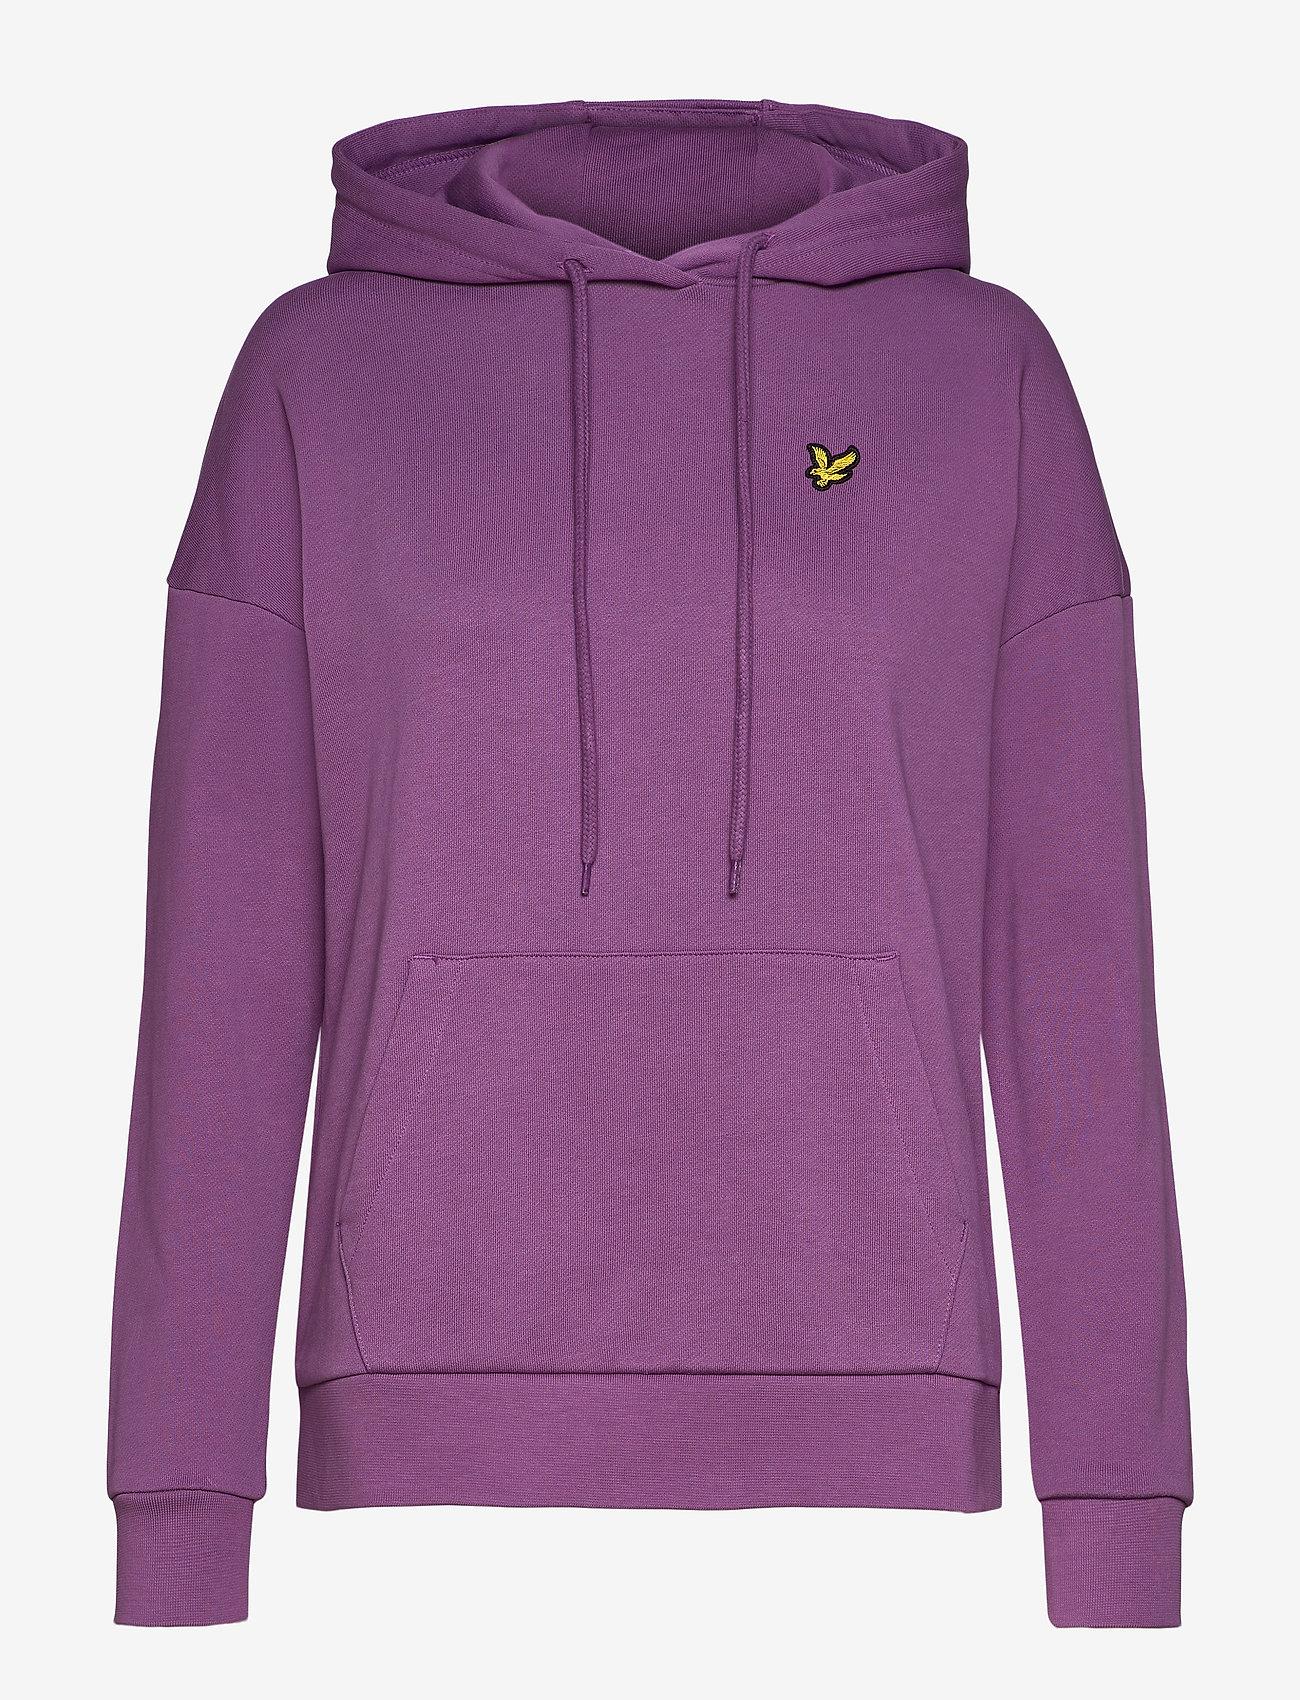 Lyle & Scott - Hoodie - sweatshirts & hoodies - dark thistle - 0